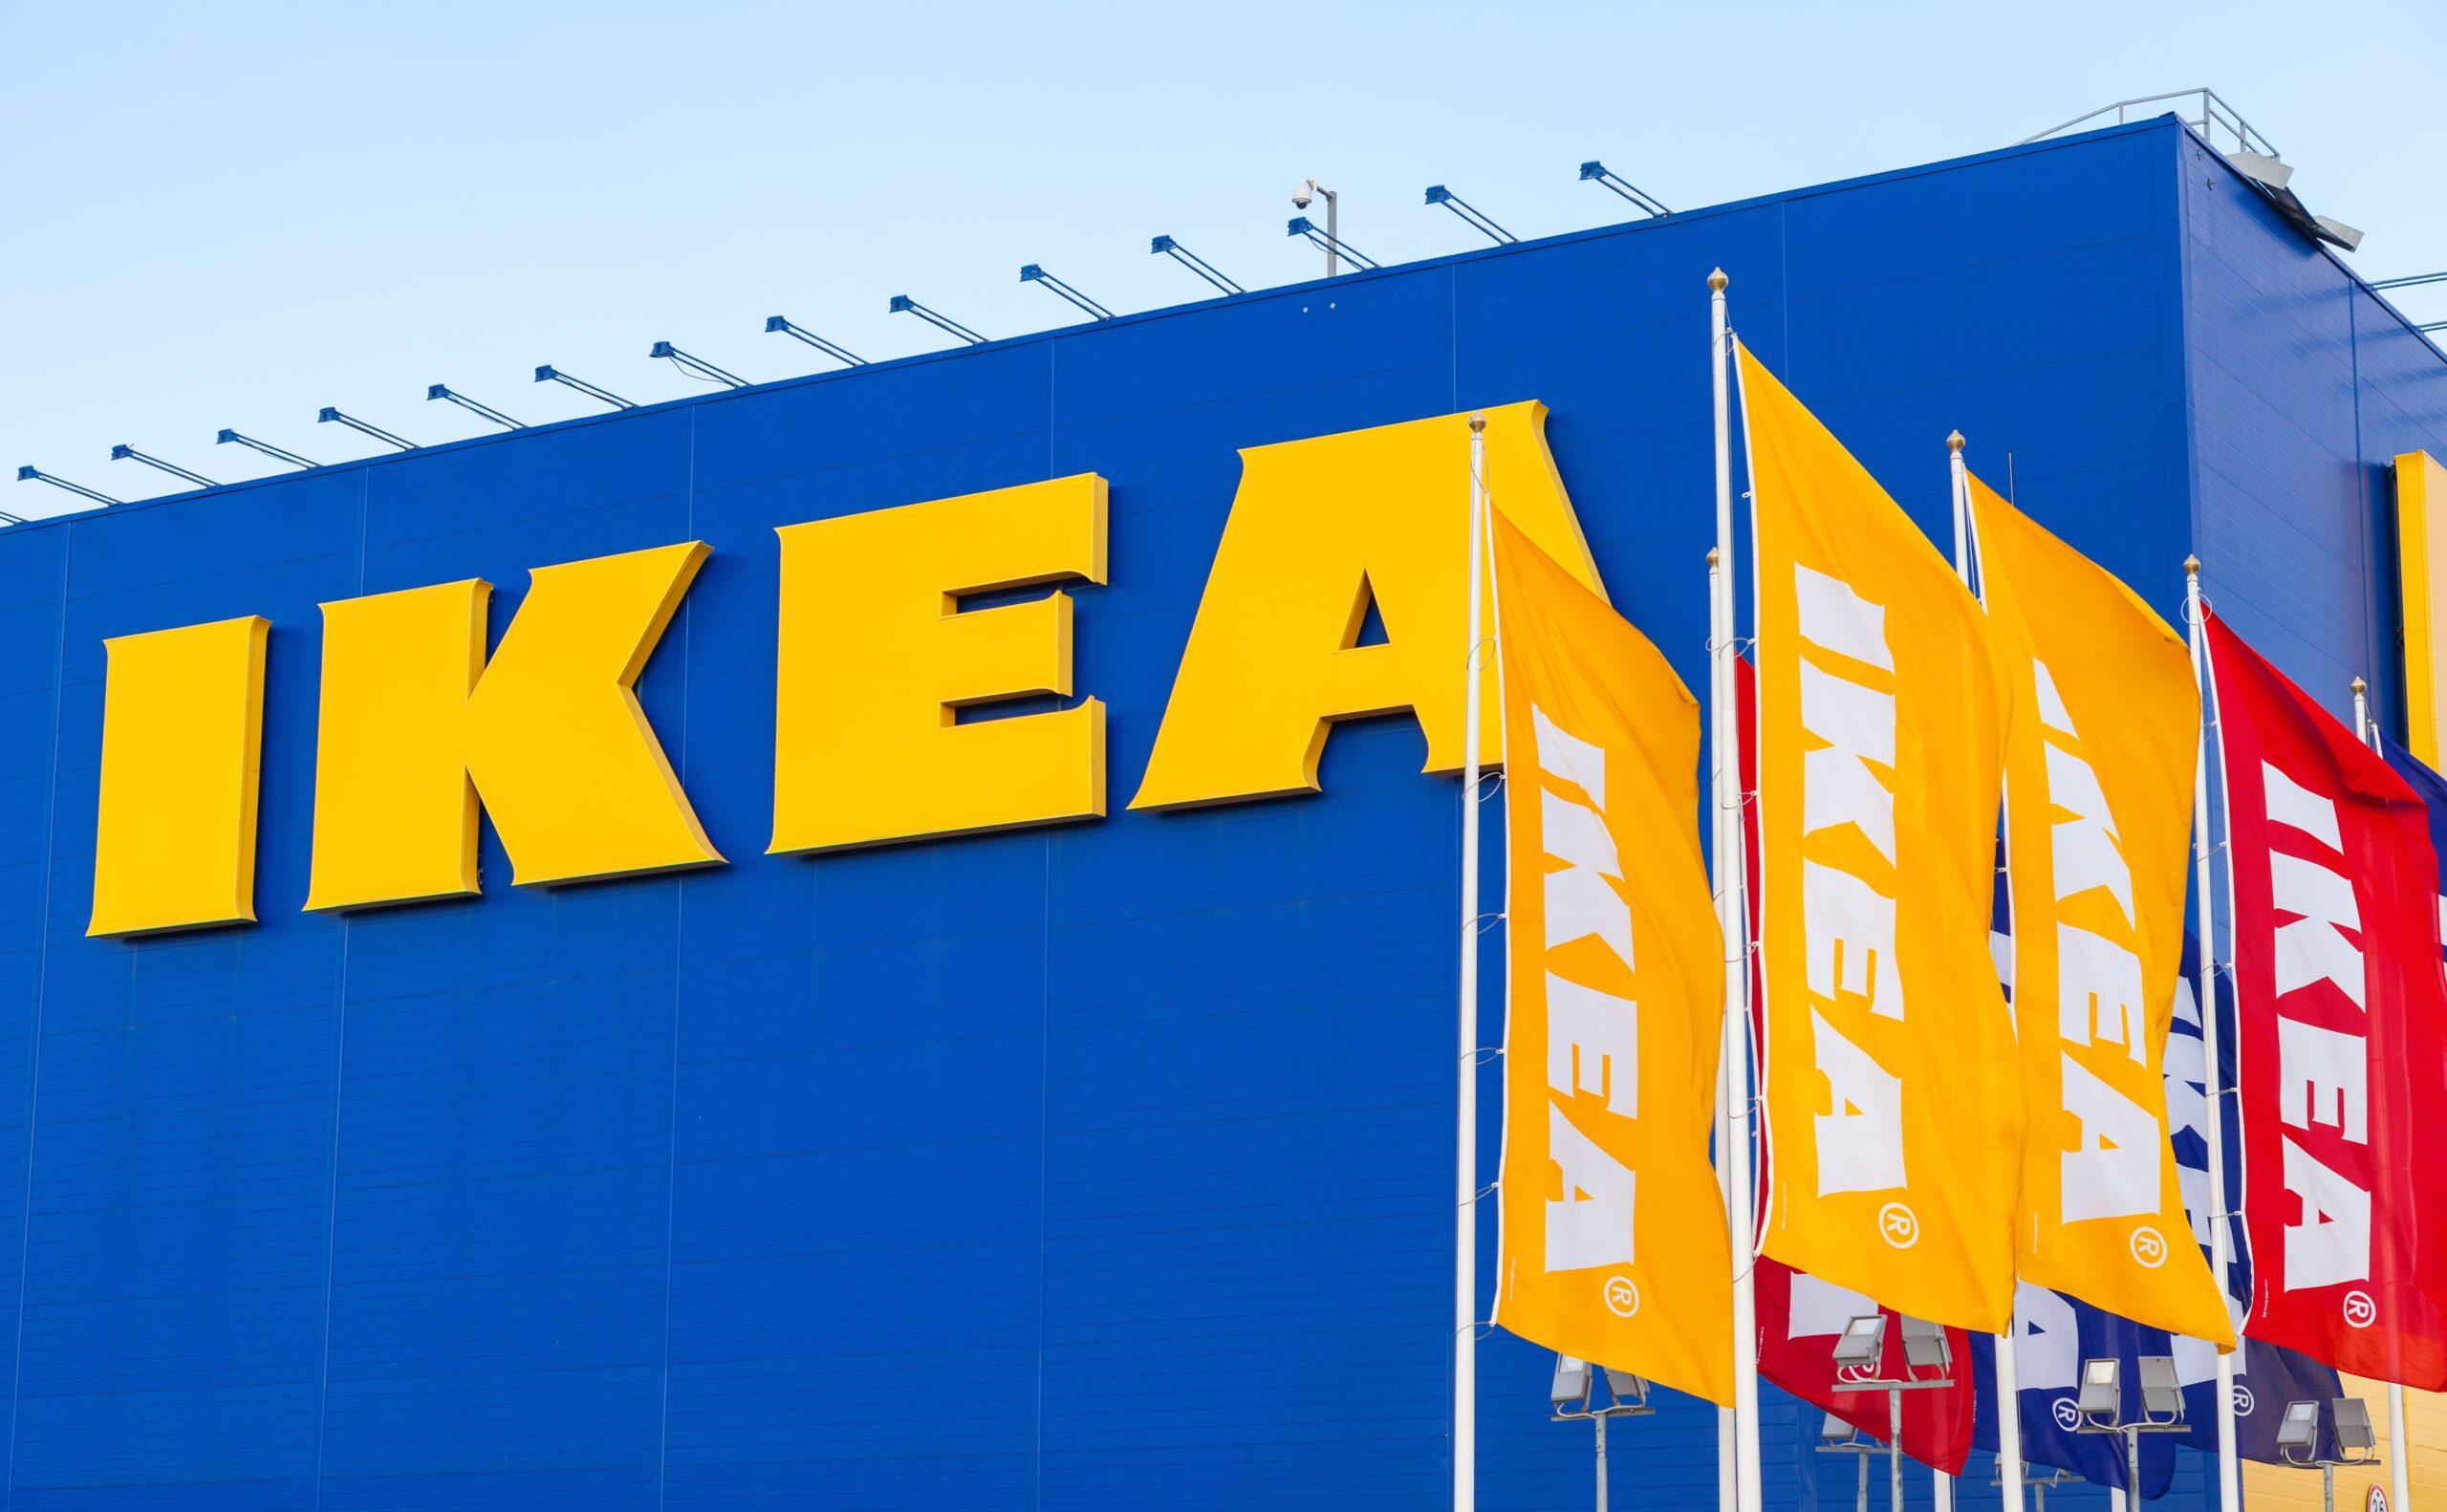 IKEA April scherz Quelle depositphotos Foto von blinow61 Vorschau